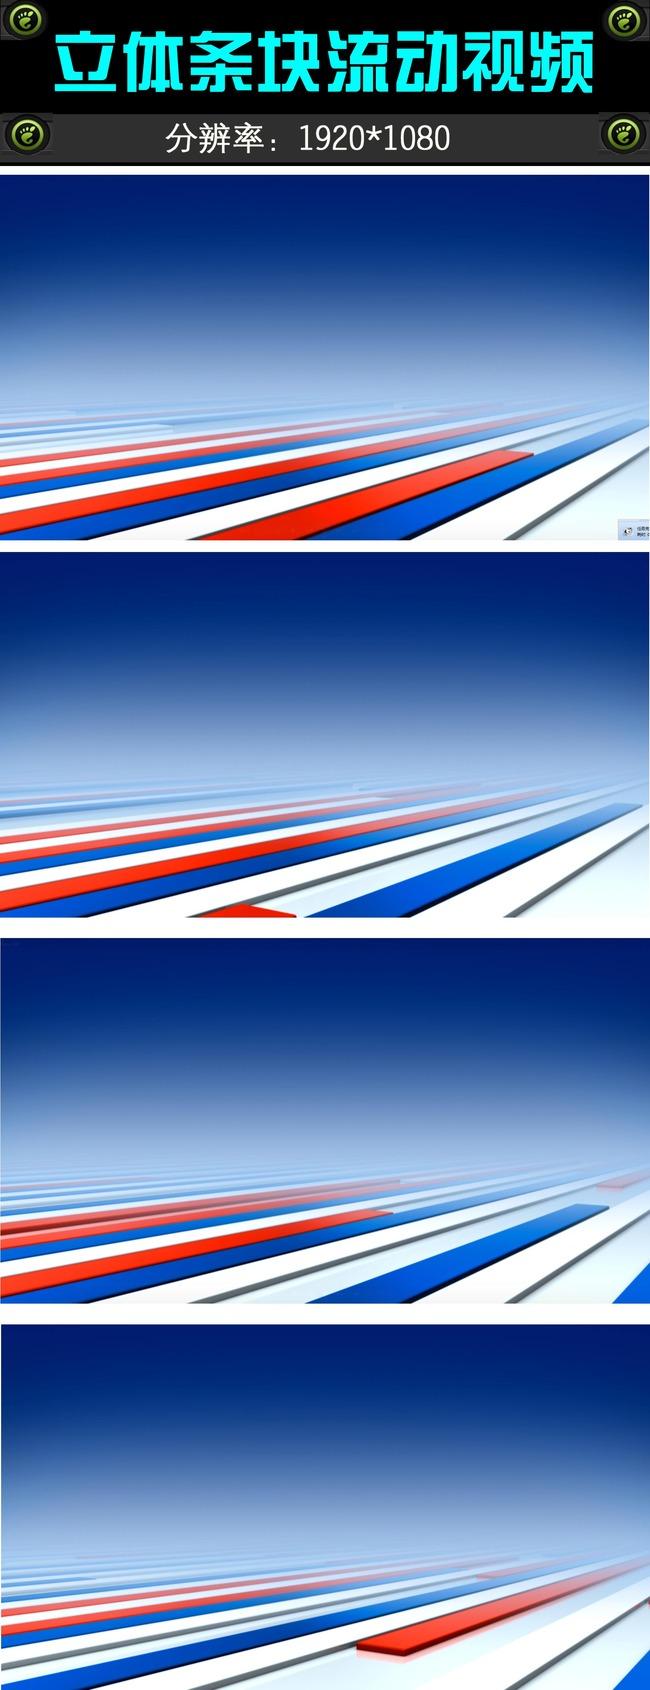 流动式条纹地板三维空间动态视频素材模板下载